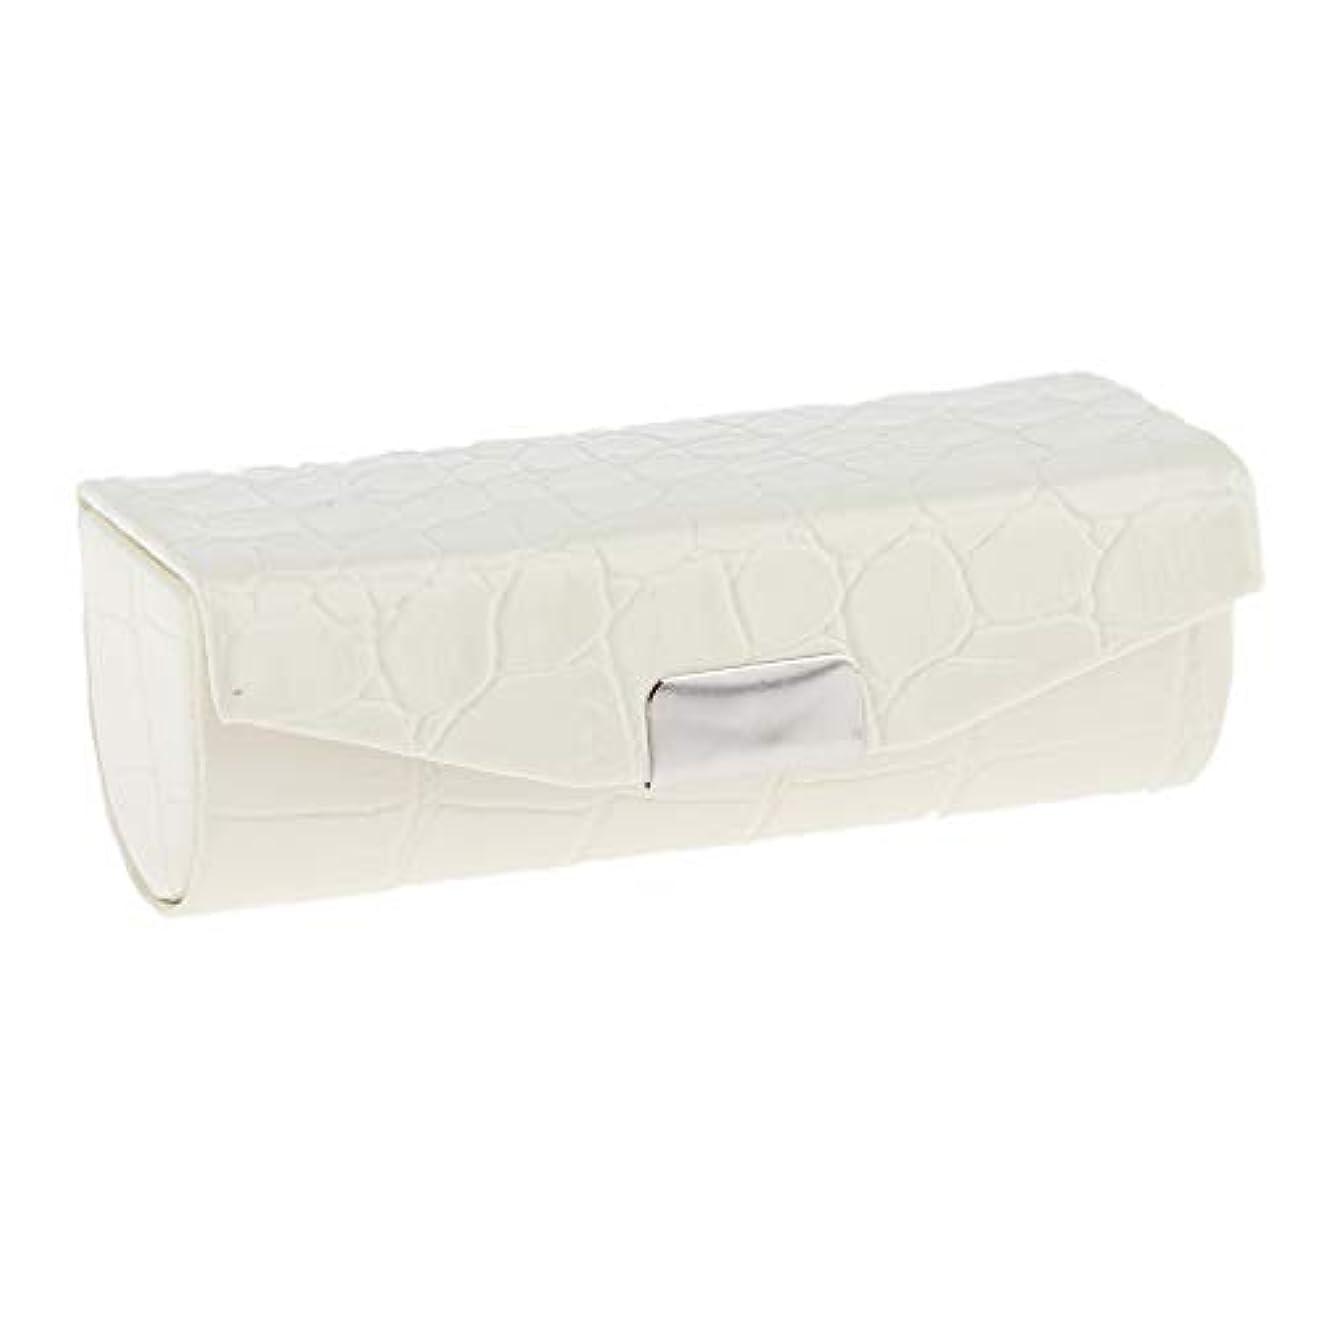 明らか立方体ディレクターSharplace 口紅ケース 小物収納ケース プレゼント ミラー付き 多色選べ - 白